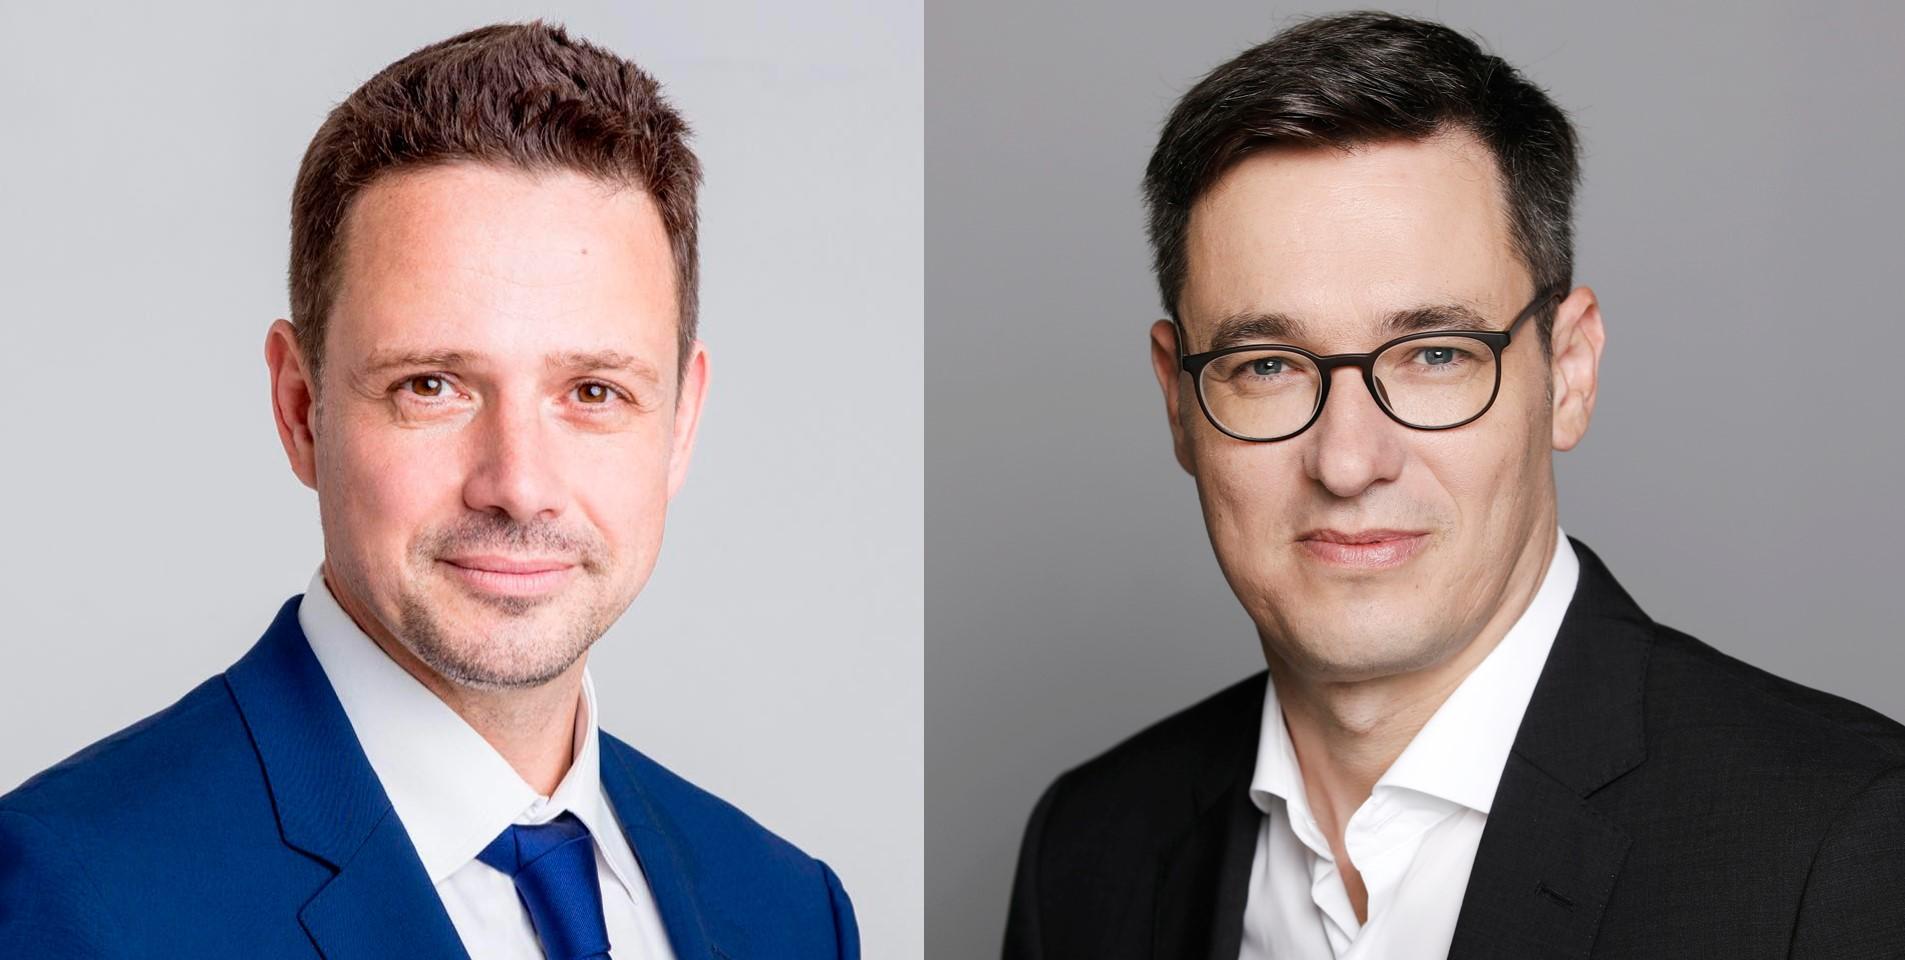 Budapest és Varsó főpolgármestere 249 magyar és lengyel város nevében írt üzenetet az Európai Bizottság elnökének